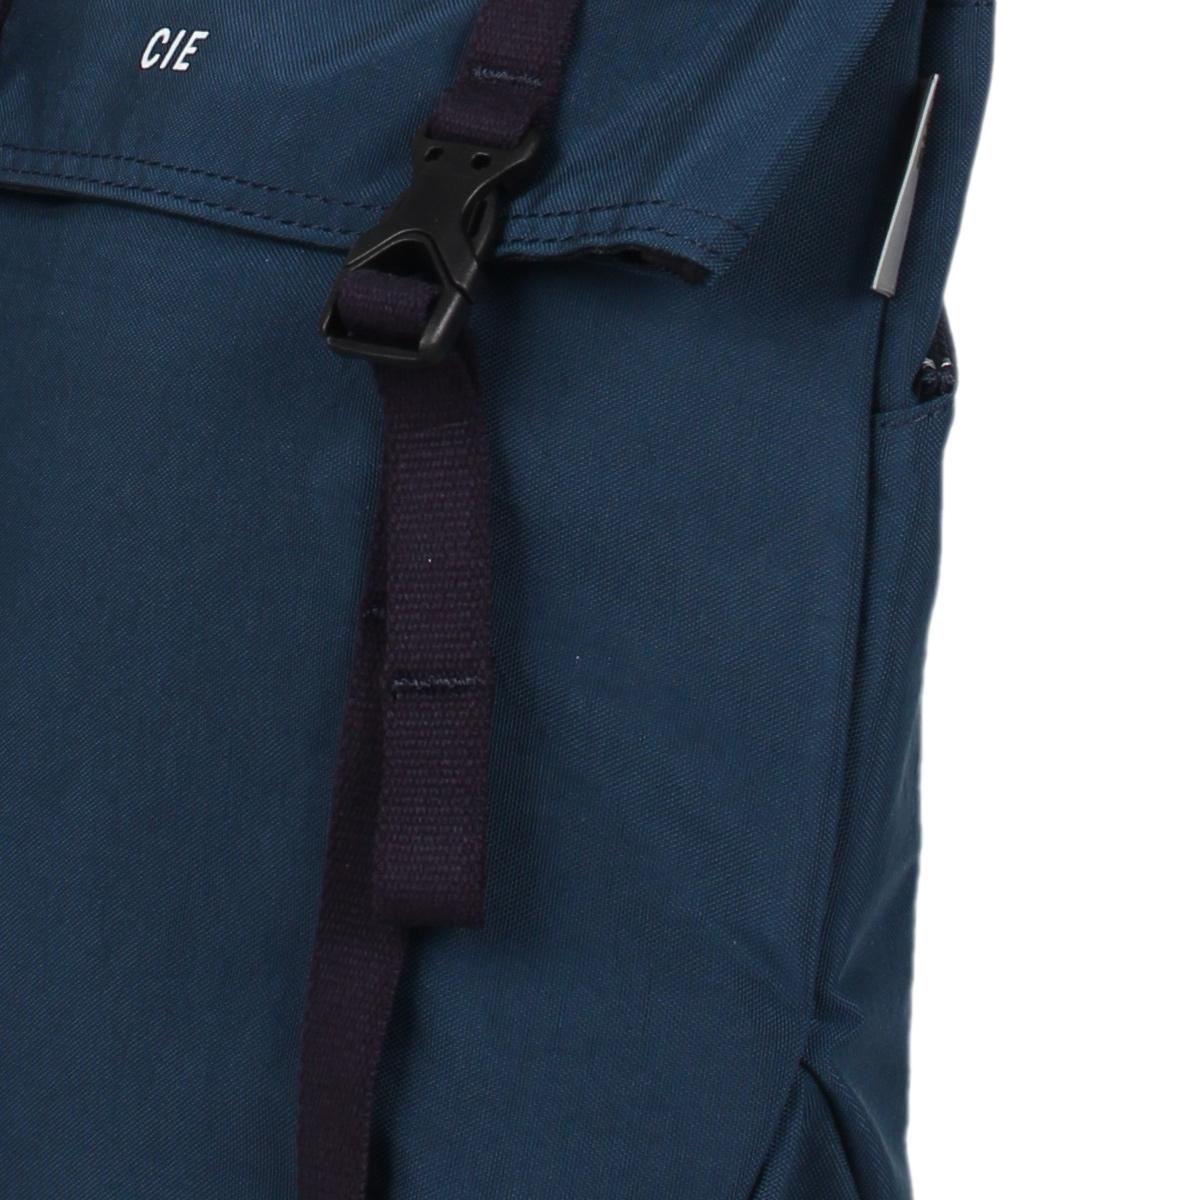 シー CIE バッグ ショルダーバッグ メンズ レディース SHRINK NYLON ブラック ネイビー サンド オリーブ レッド 黒 021811Yfbg6y7